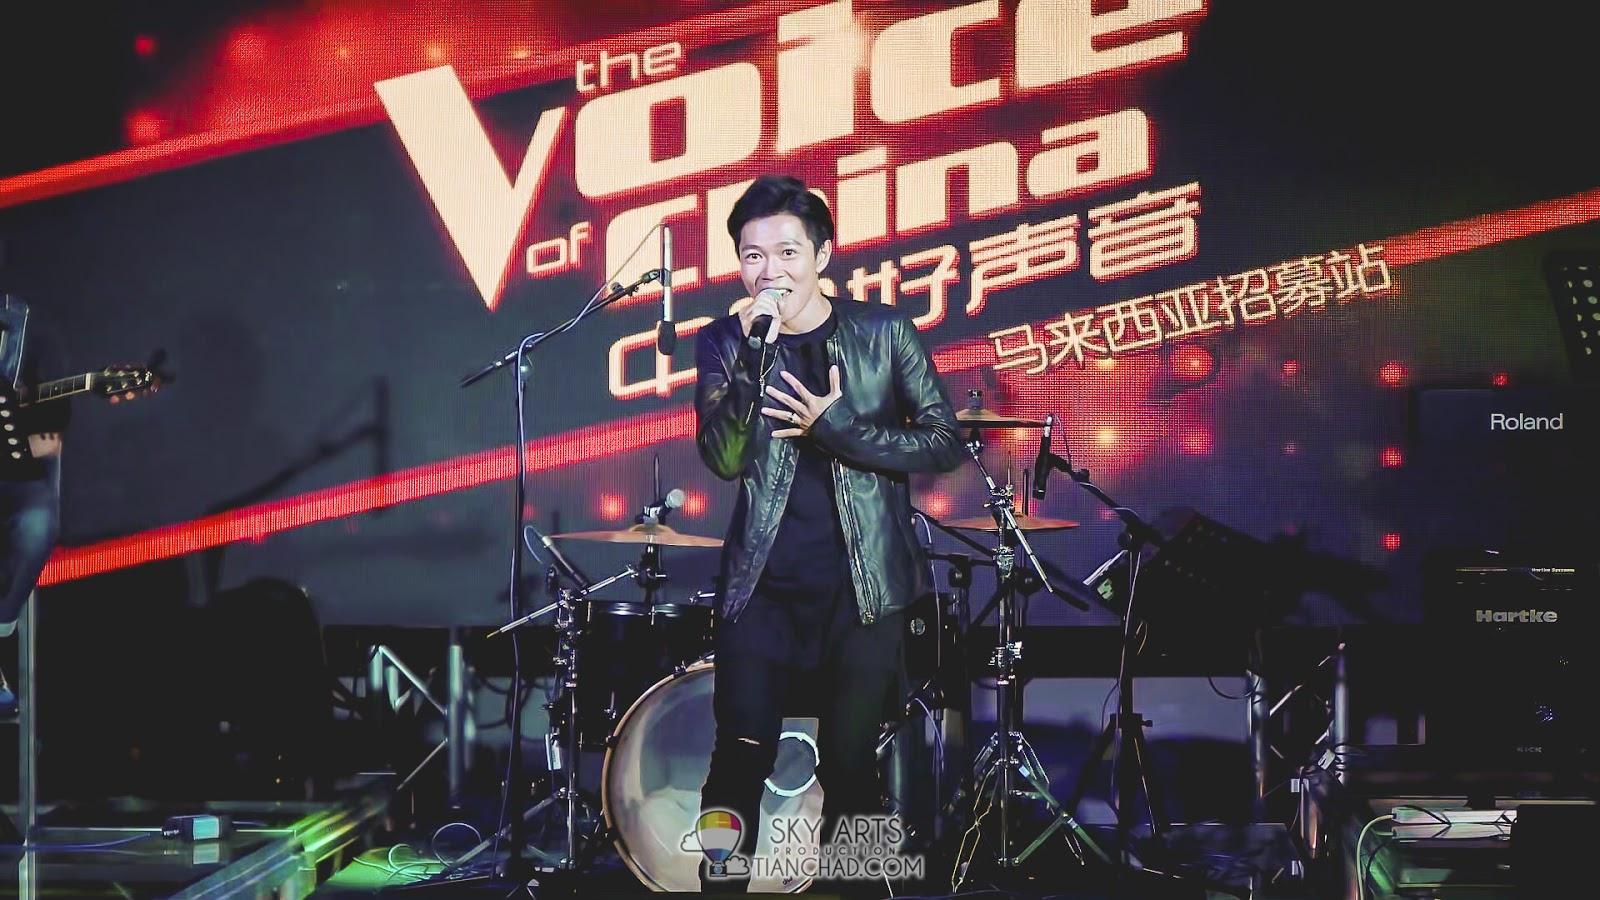 """张诒博现场演绎《你的爱》和《Count On Me》两首不同曲风的歌曲,让媒体""""验证""""他歌唱实力。"""